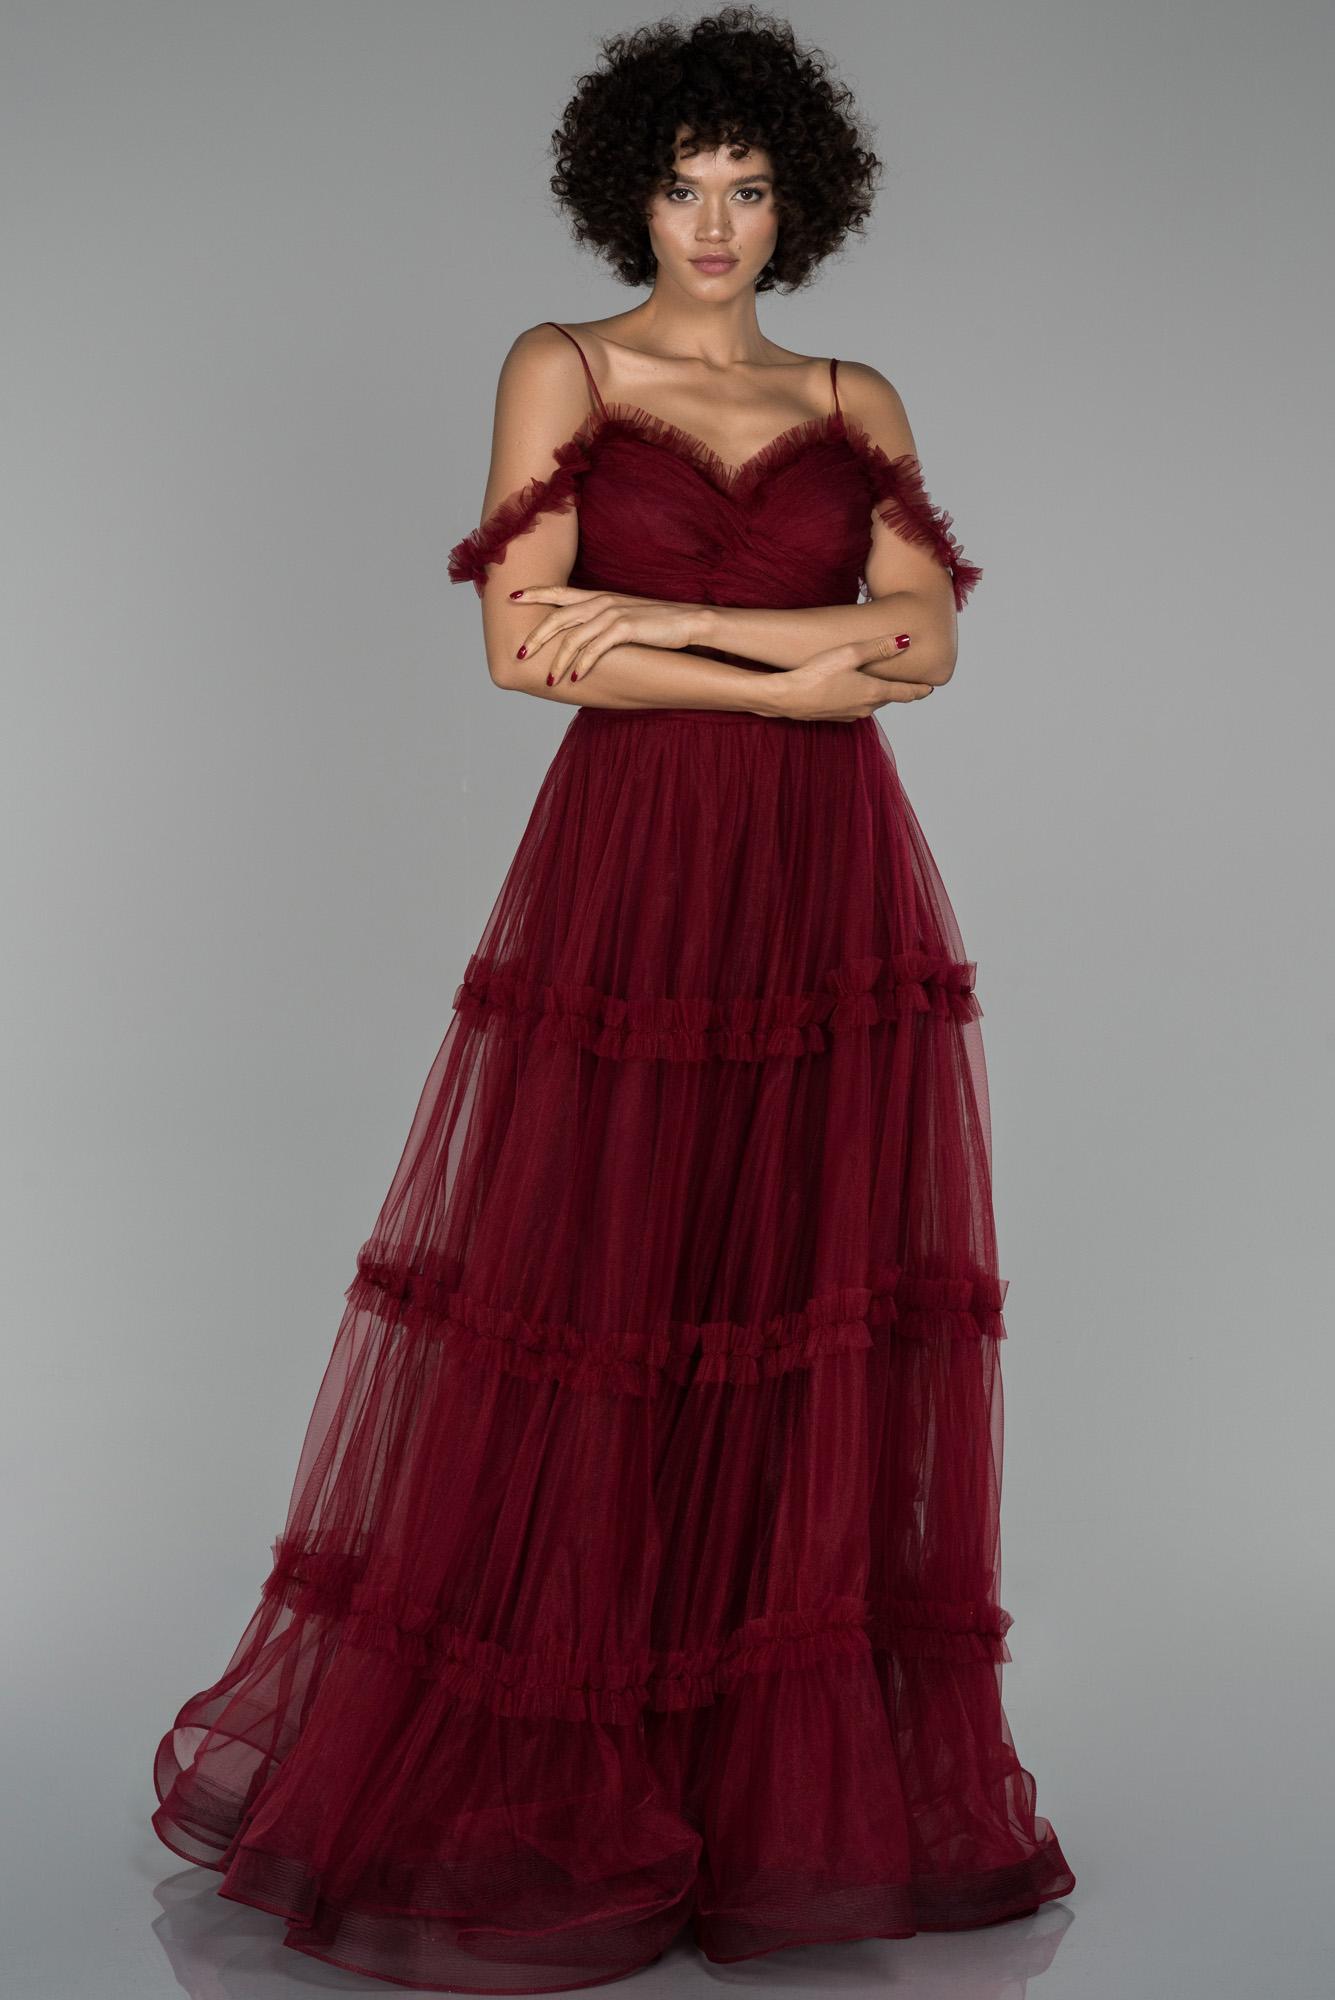 Bordo Uzun Transparan Kol Detaylı Abiye Elbise